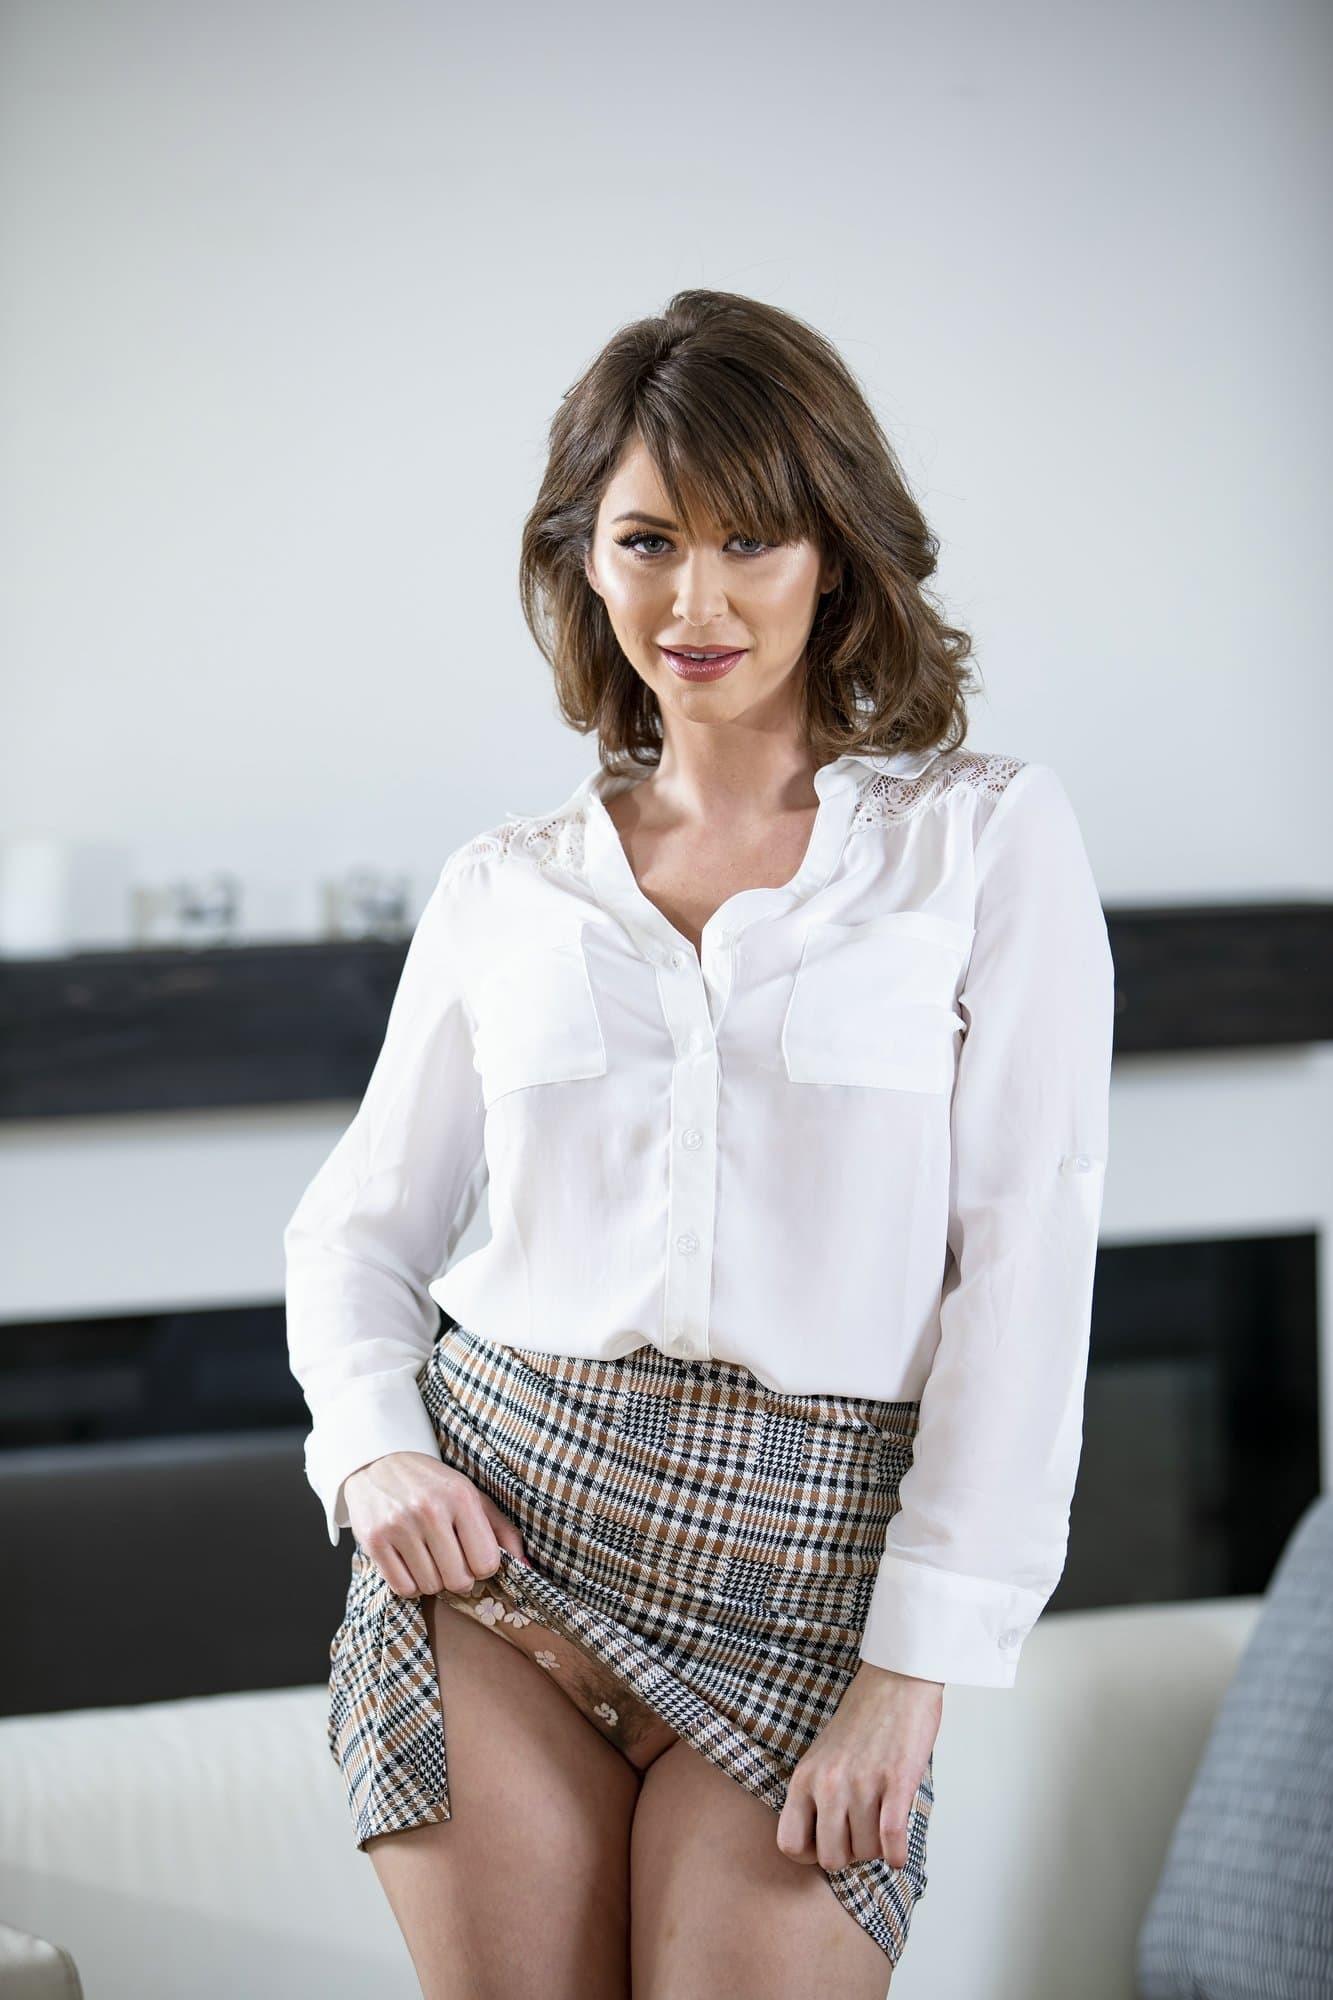 Женщина в юбке и прозрачных трусах - фото